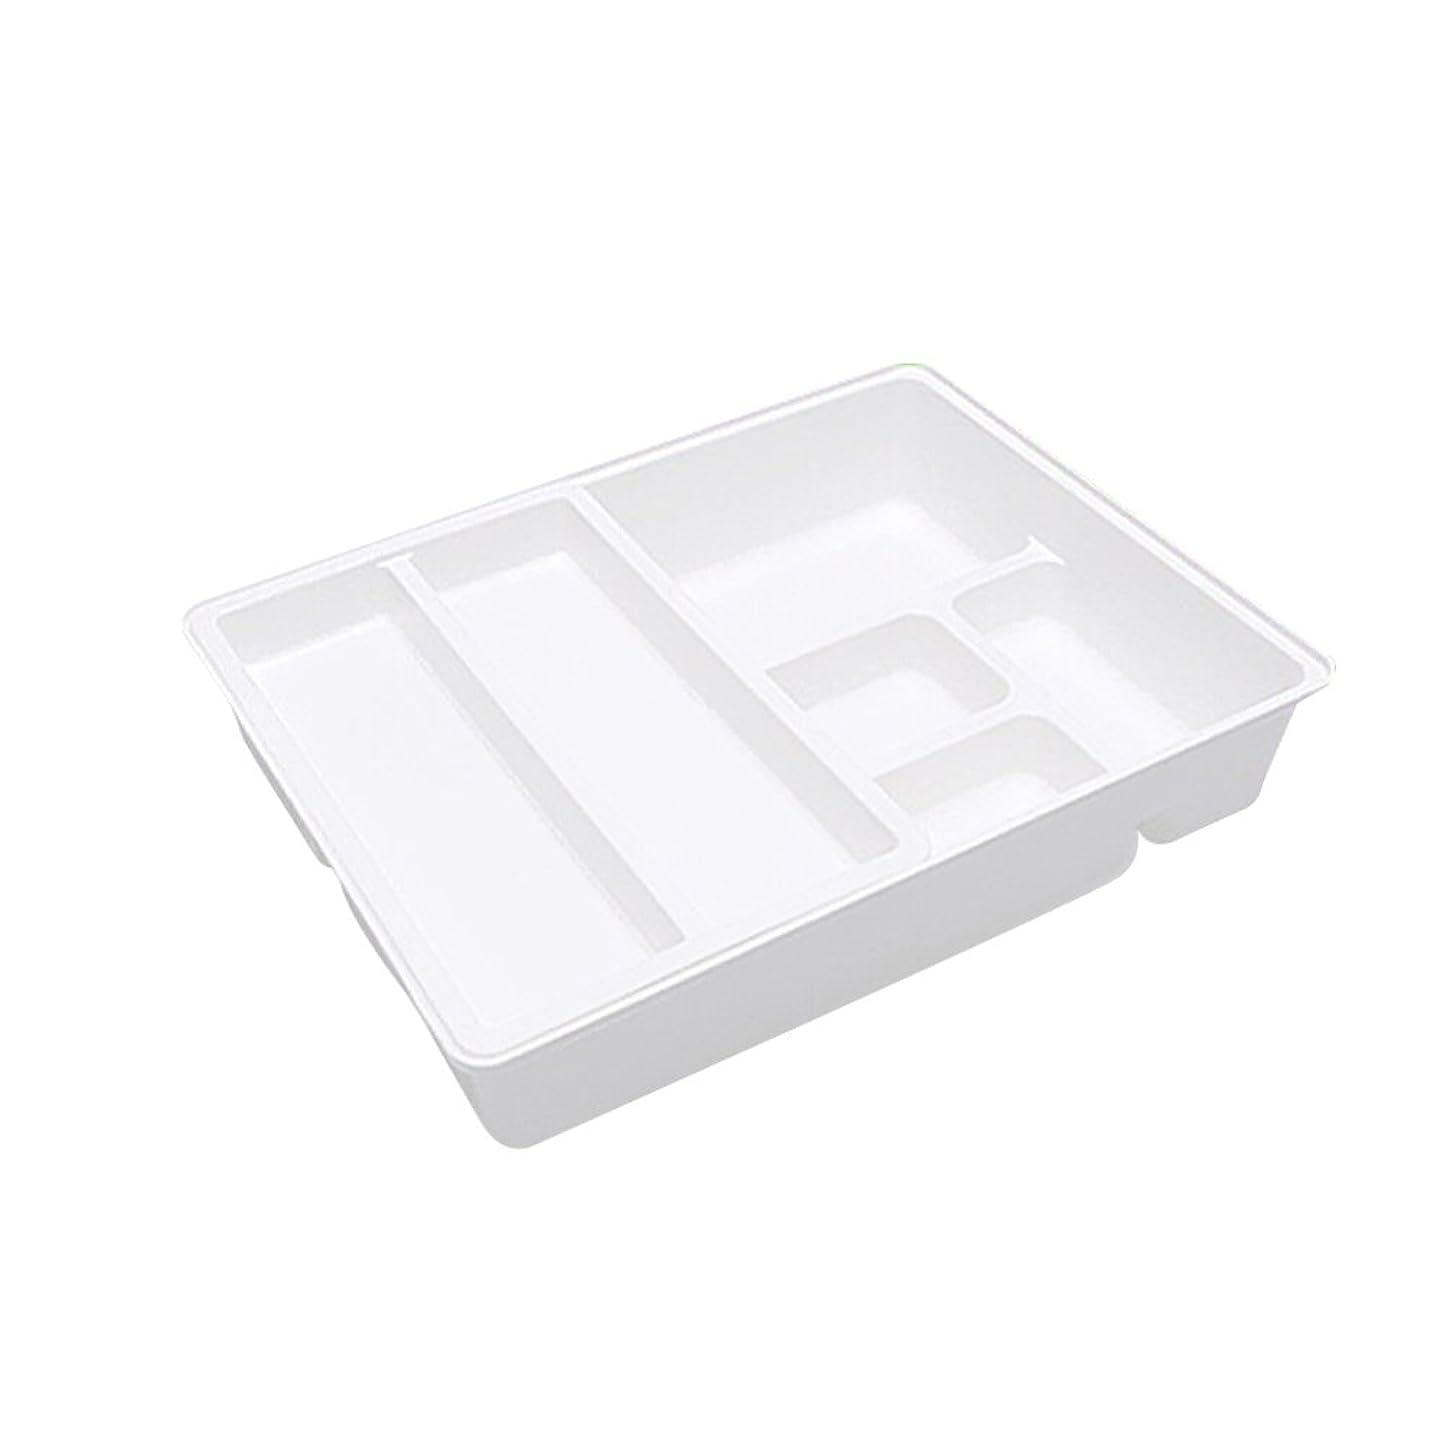 またファンタジーうまれたBESTOMZ キッチン整理トレー 多機能収納ボックス 拡張可能 キッチン用品(ホワイト)